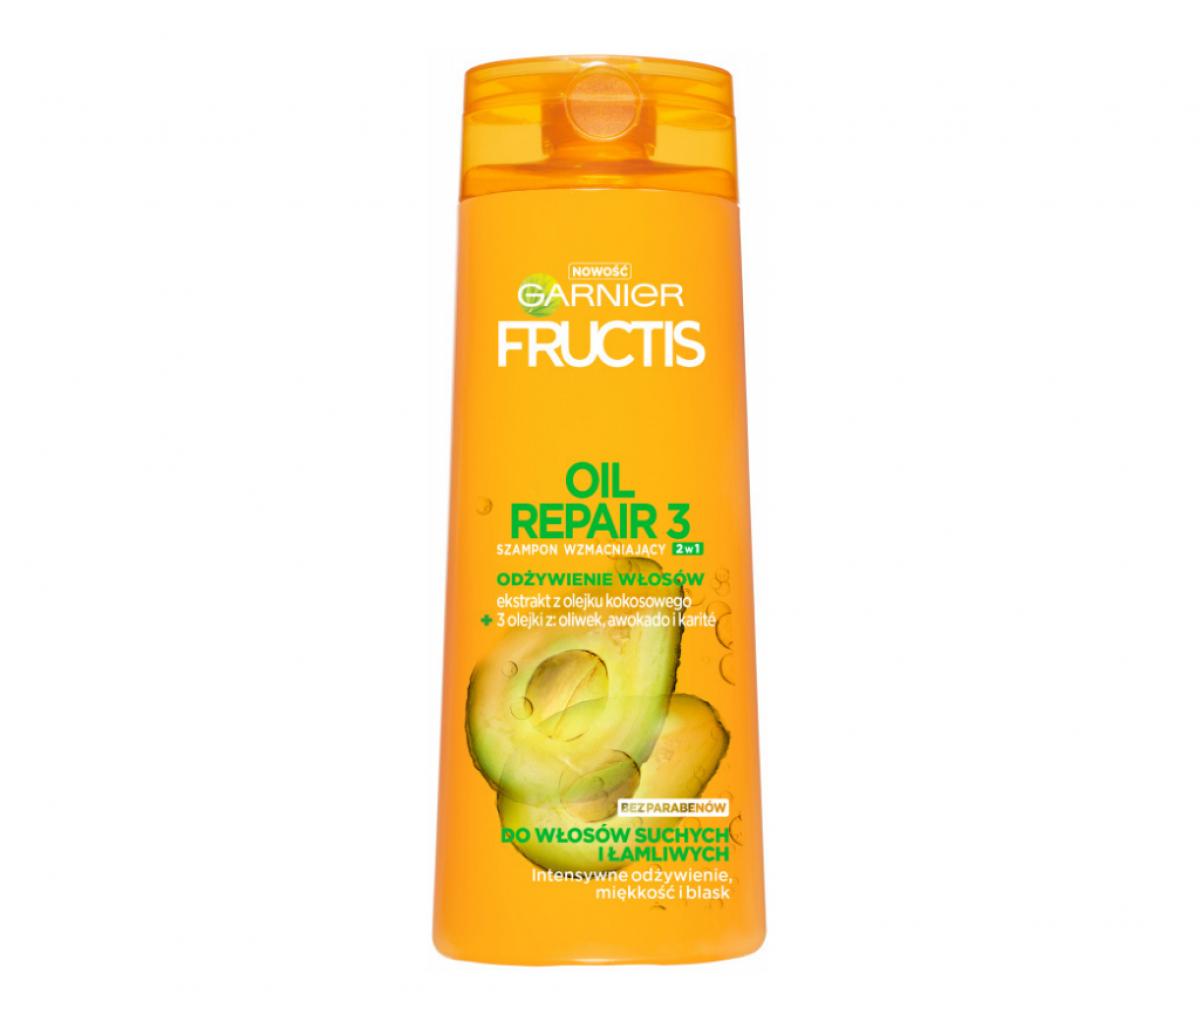 Garnier 400ml Fructis Oil Repair 3  Shampoo